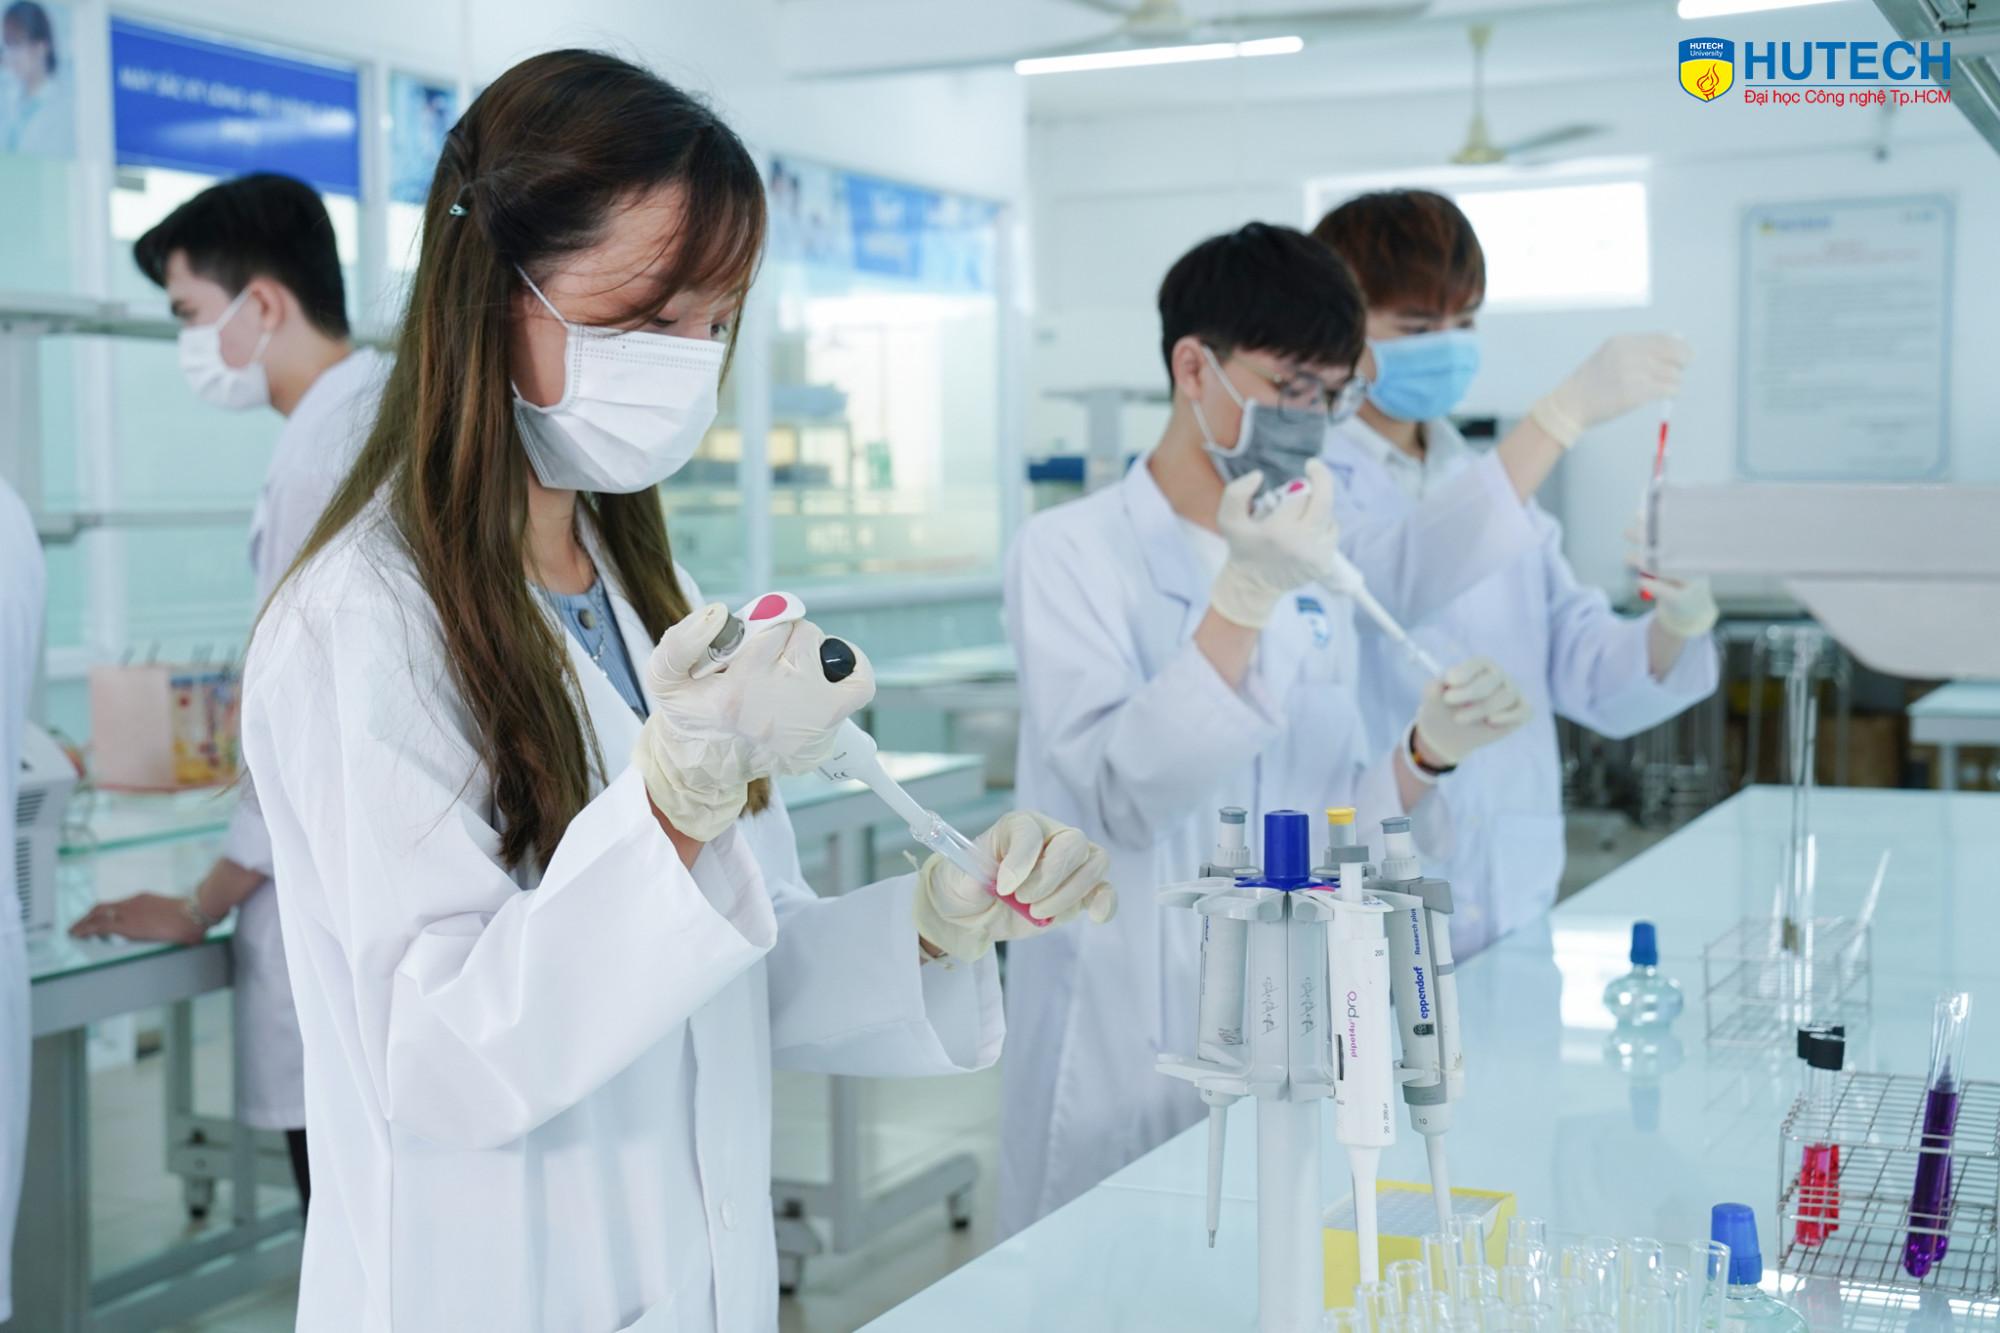 Nhóm ngành Kỹ thuật xét nghiệm y học, Điều dưỡng, Dược học nhận hồ sơ từ 19,5 - 24 điểm - Ảnh: HUTECH